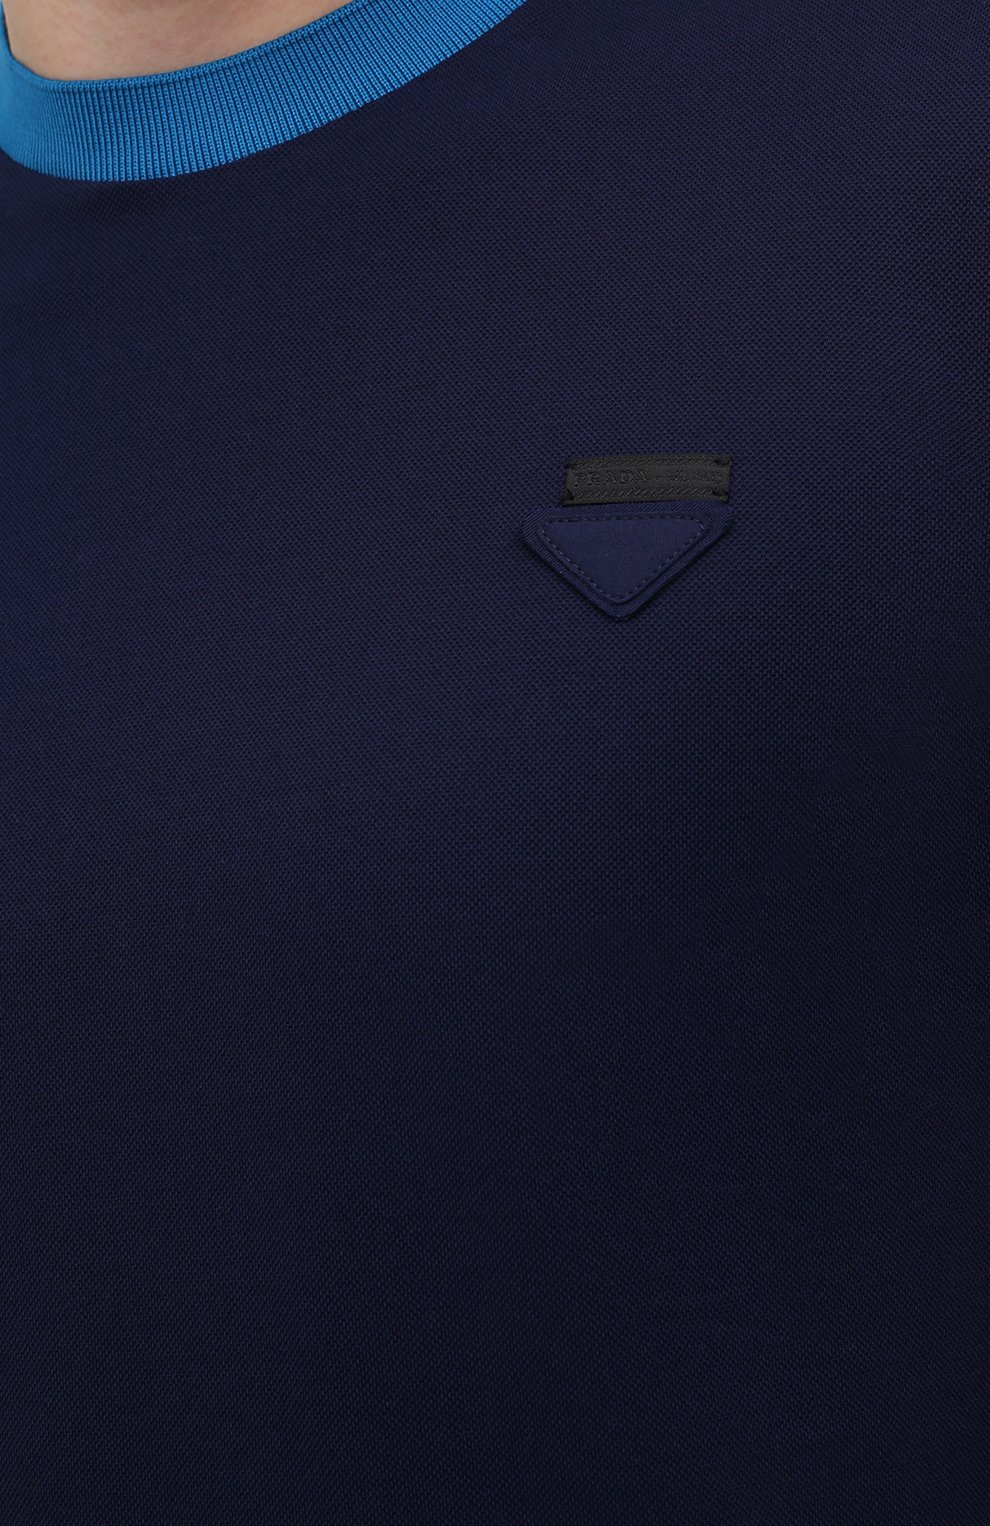 Мужская хлопковая футболка PRADA синего цвета, арт. UJN452-1C61-F0BLX-181   Фото 5 (Принт: Без принта; Рукава: Короткие; Длина (для топов): Стандартные; Материал внешний: Хлопок; Стили: Кэжуэл)